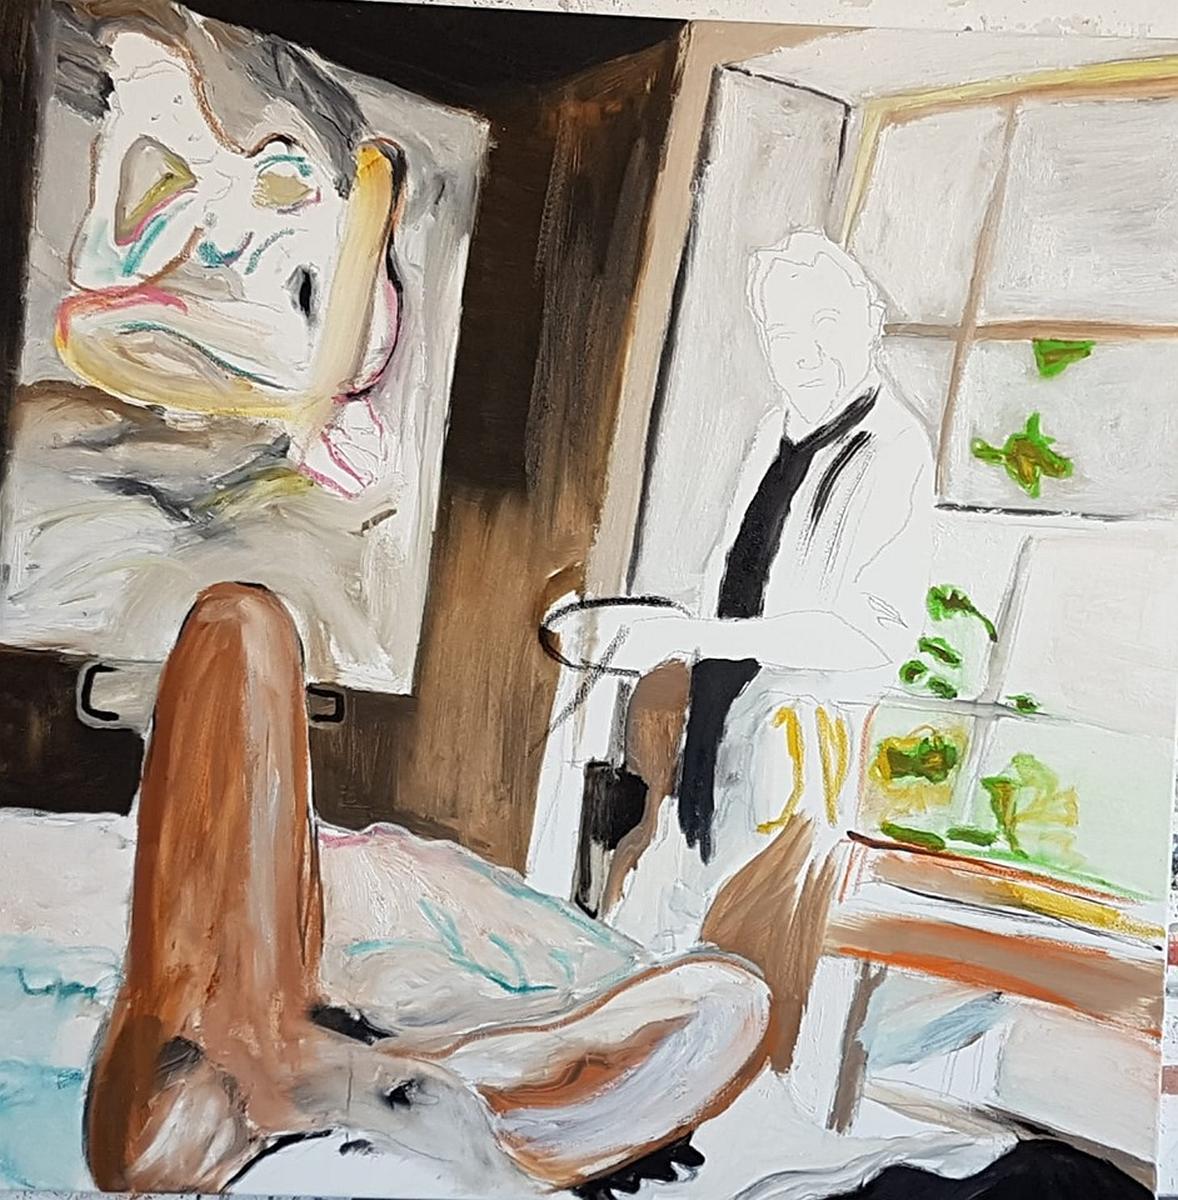 szwabe_malarstwo_lucian-freud-and-his-muza-olej-na-plotnie-60x80cm-_www